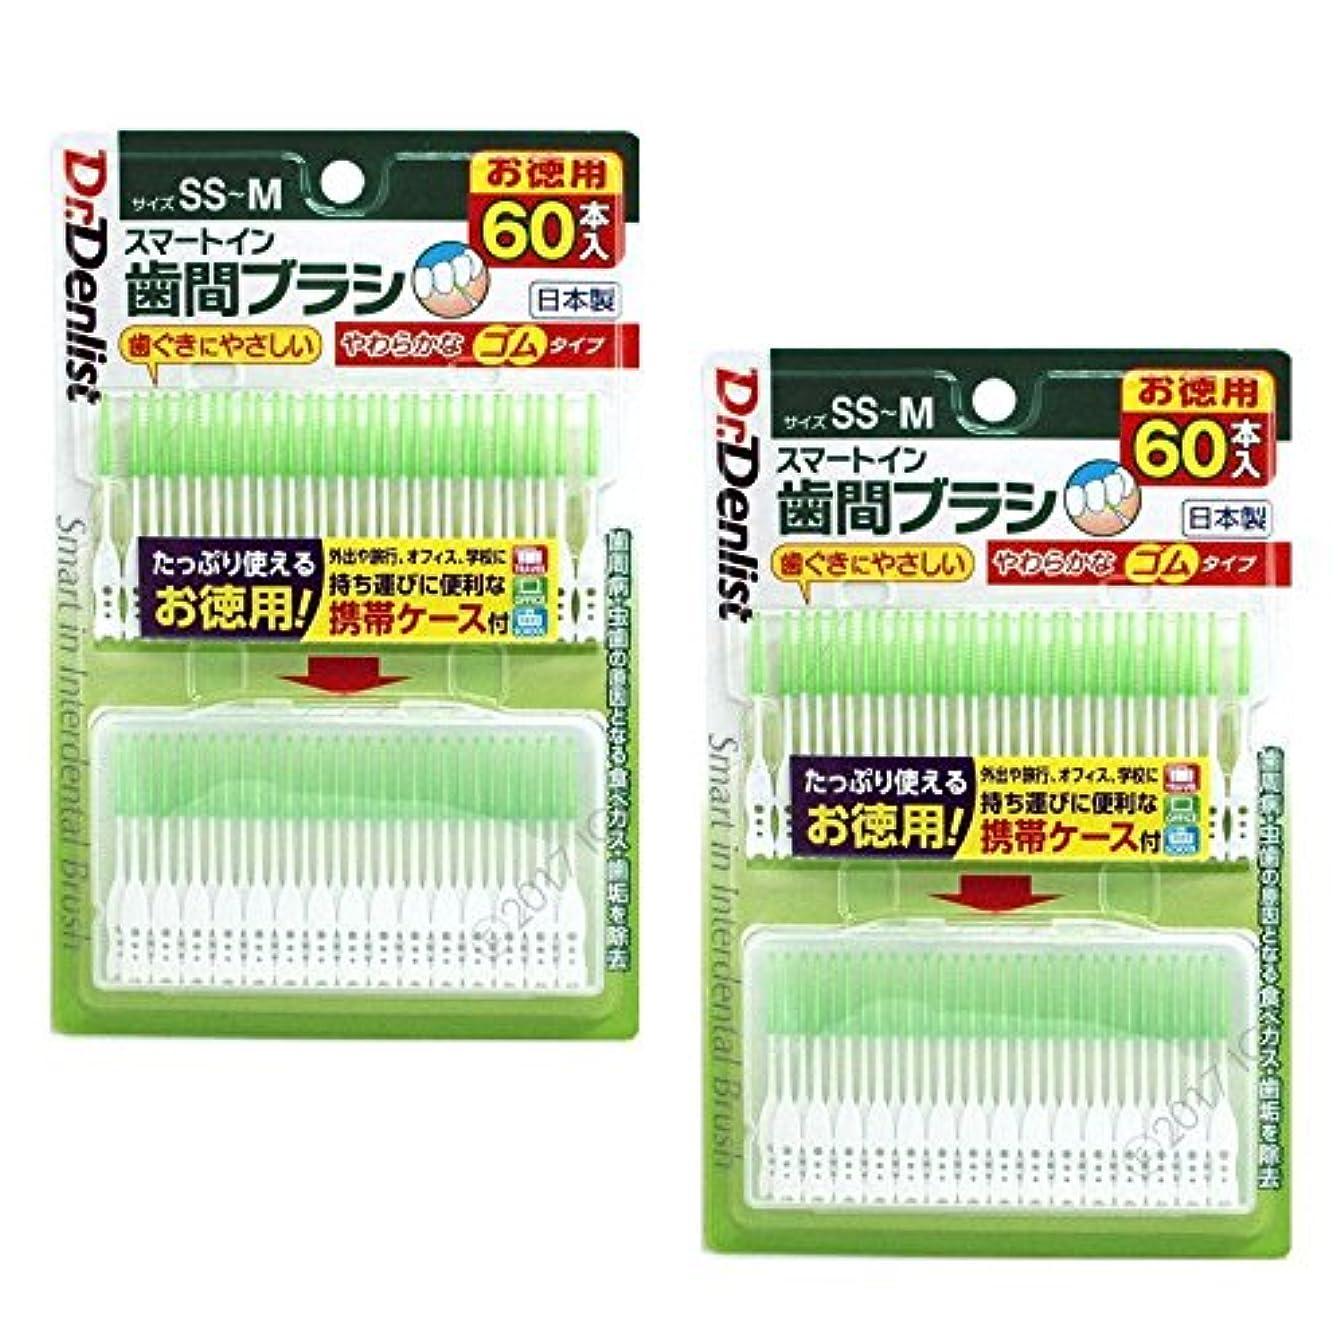 用心深い認証ピース歯間ブラシ スマートイン 60本×2個(計120本) お徳用 やわらかなゴムタイプ